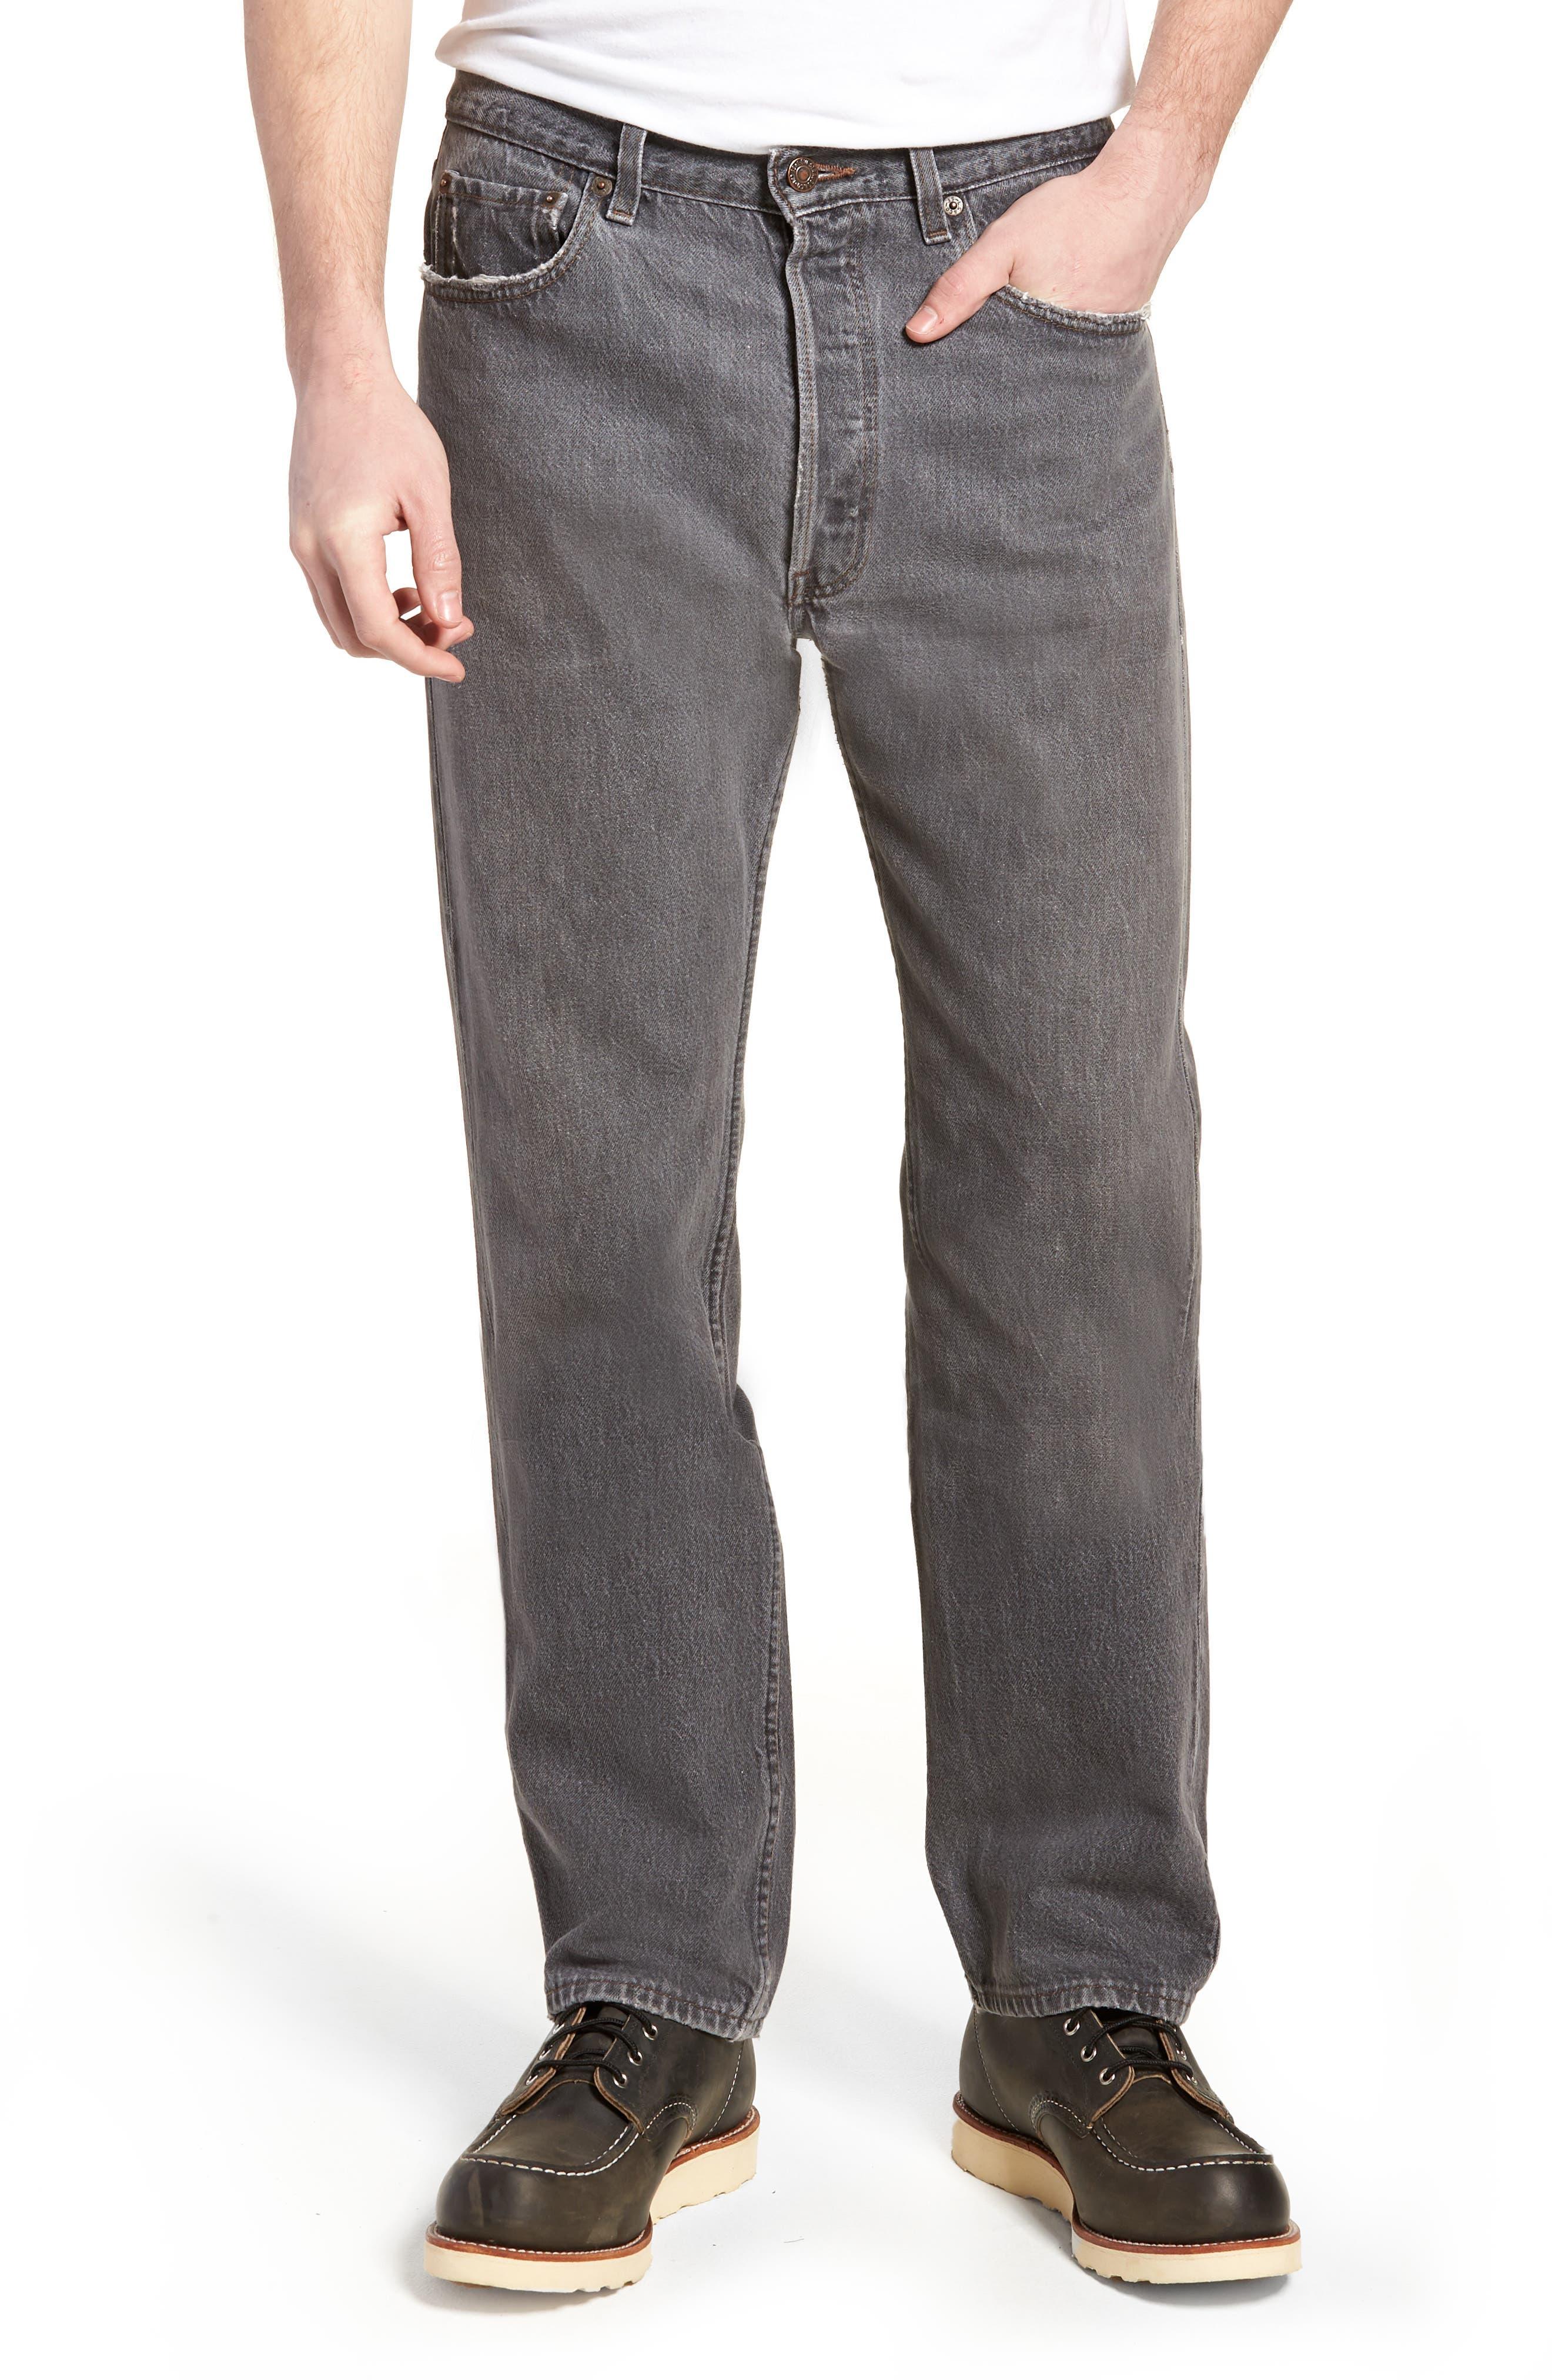 Levi's® Authorized Vintage 501™ Original Fit Jeans (AV Black)